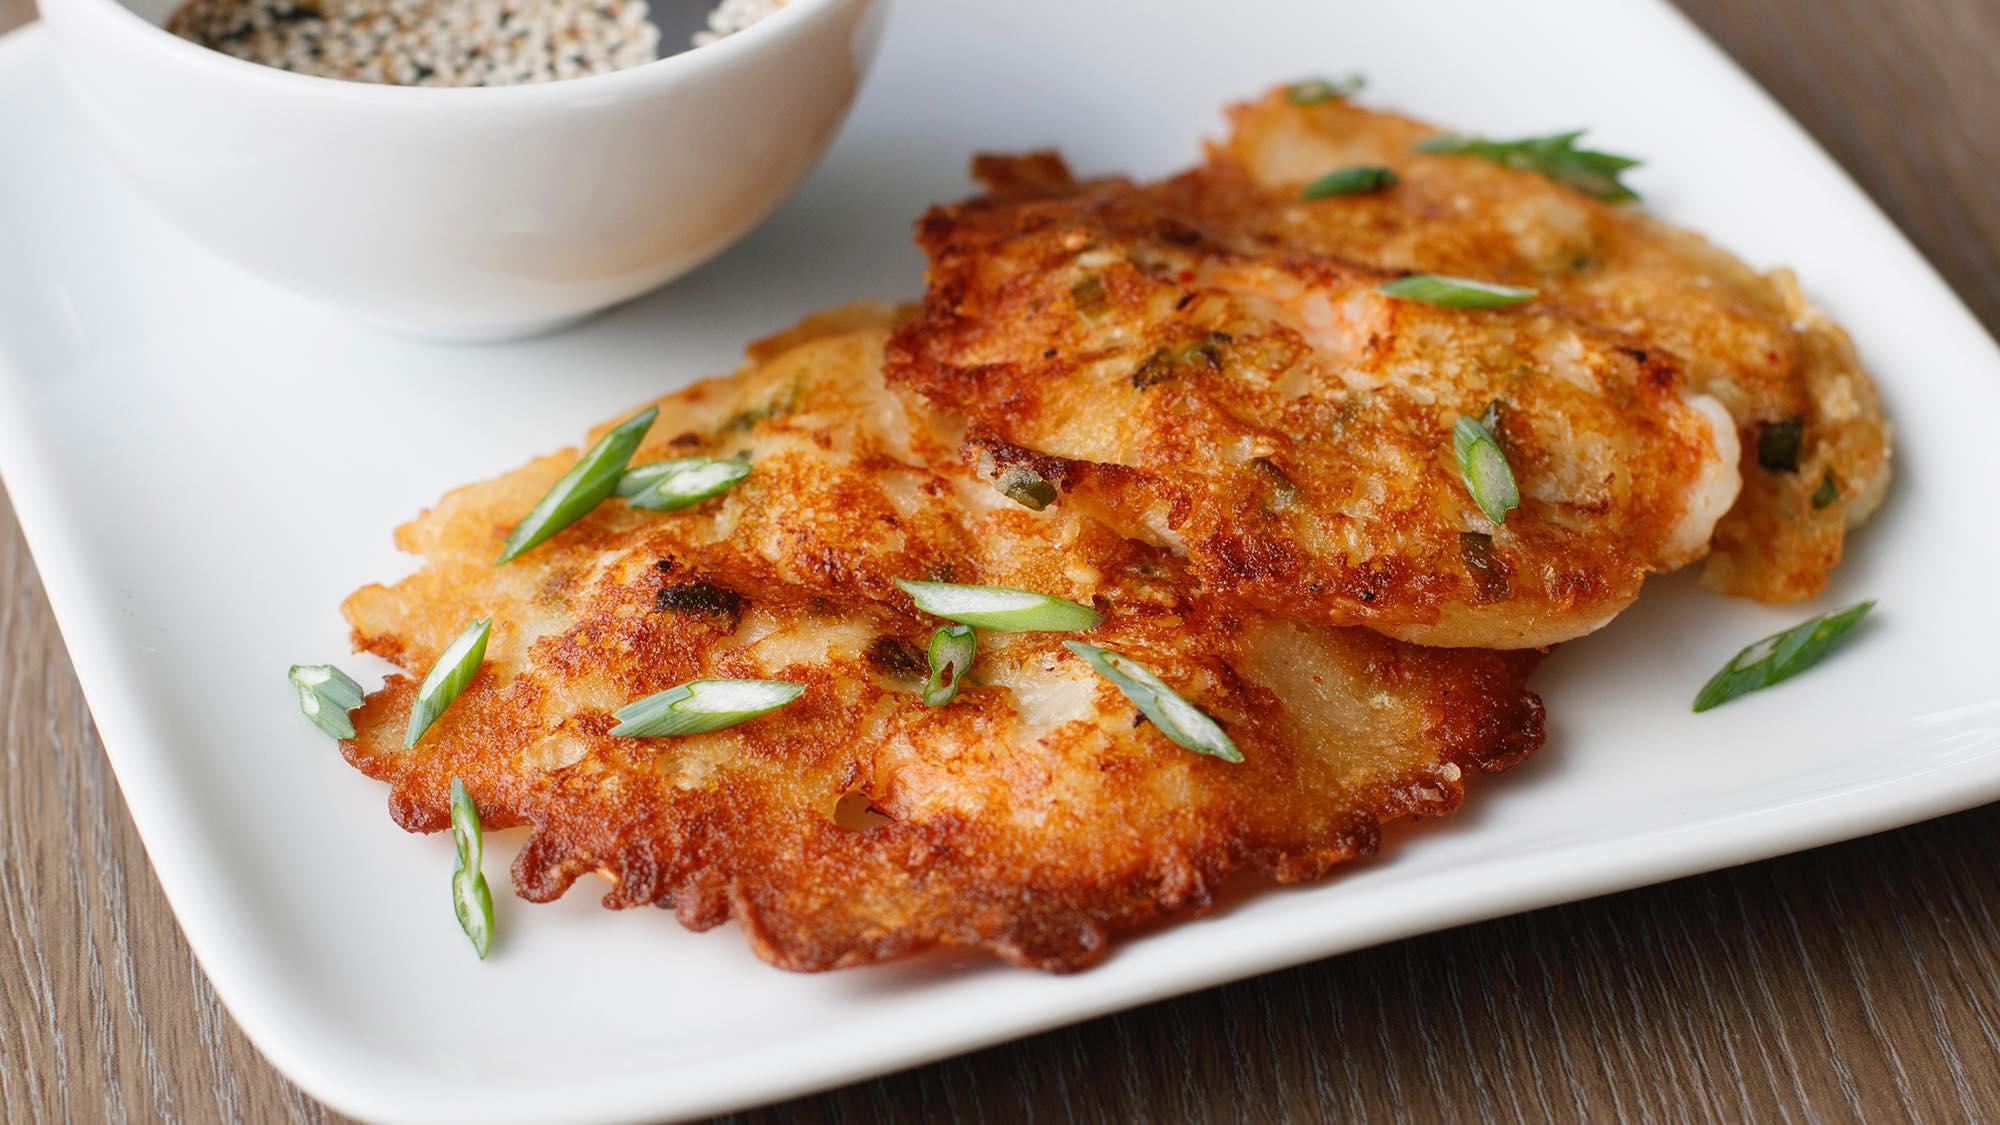 Shrimp and Kimchi Korean Pancakes